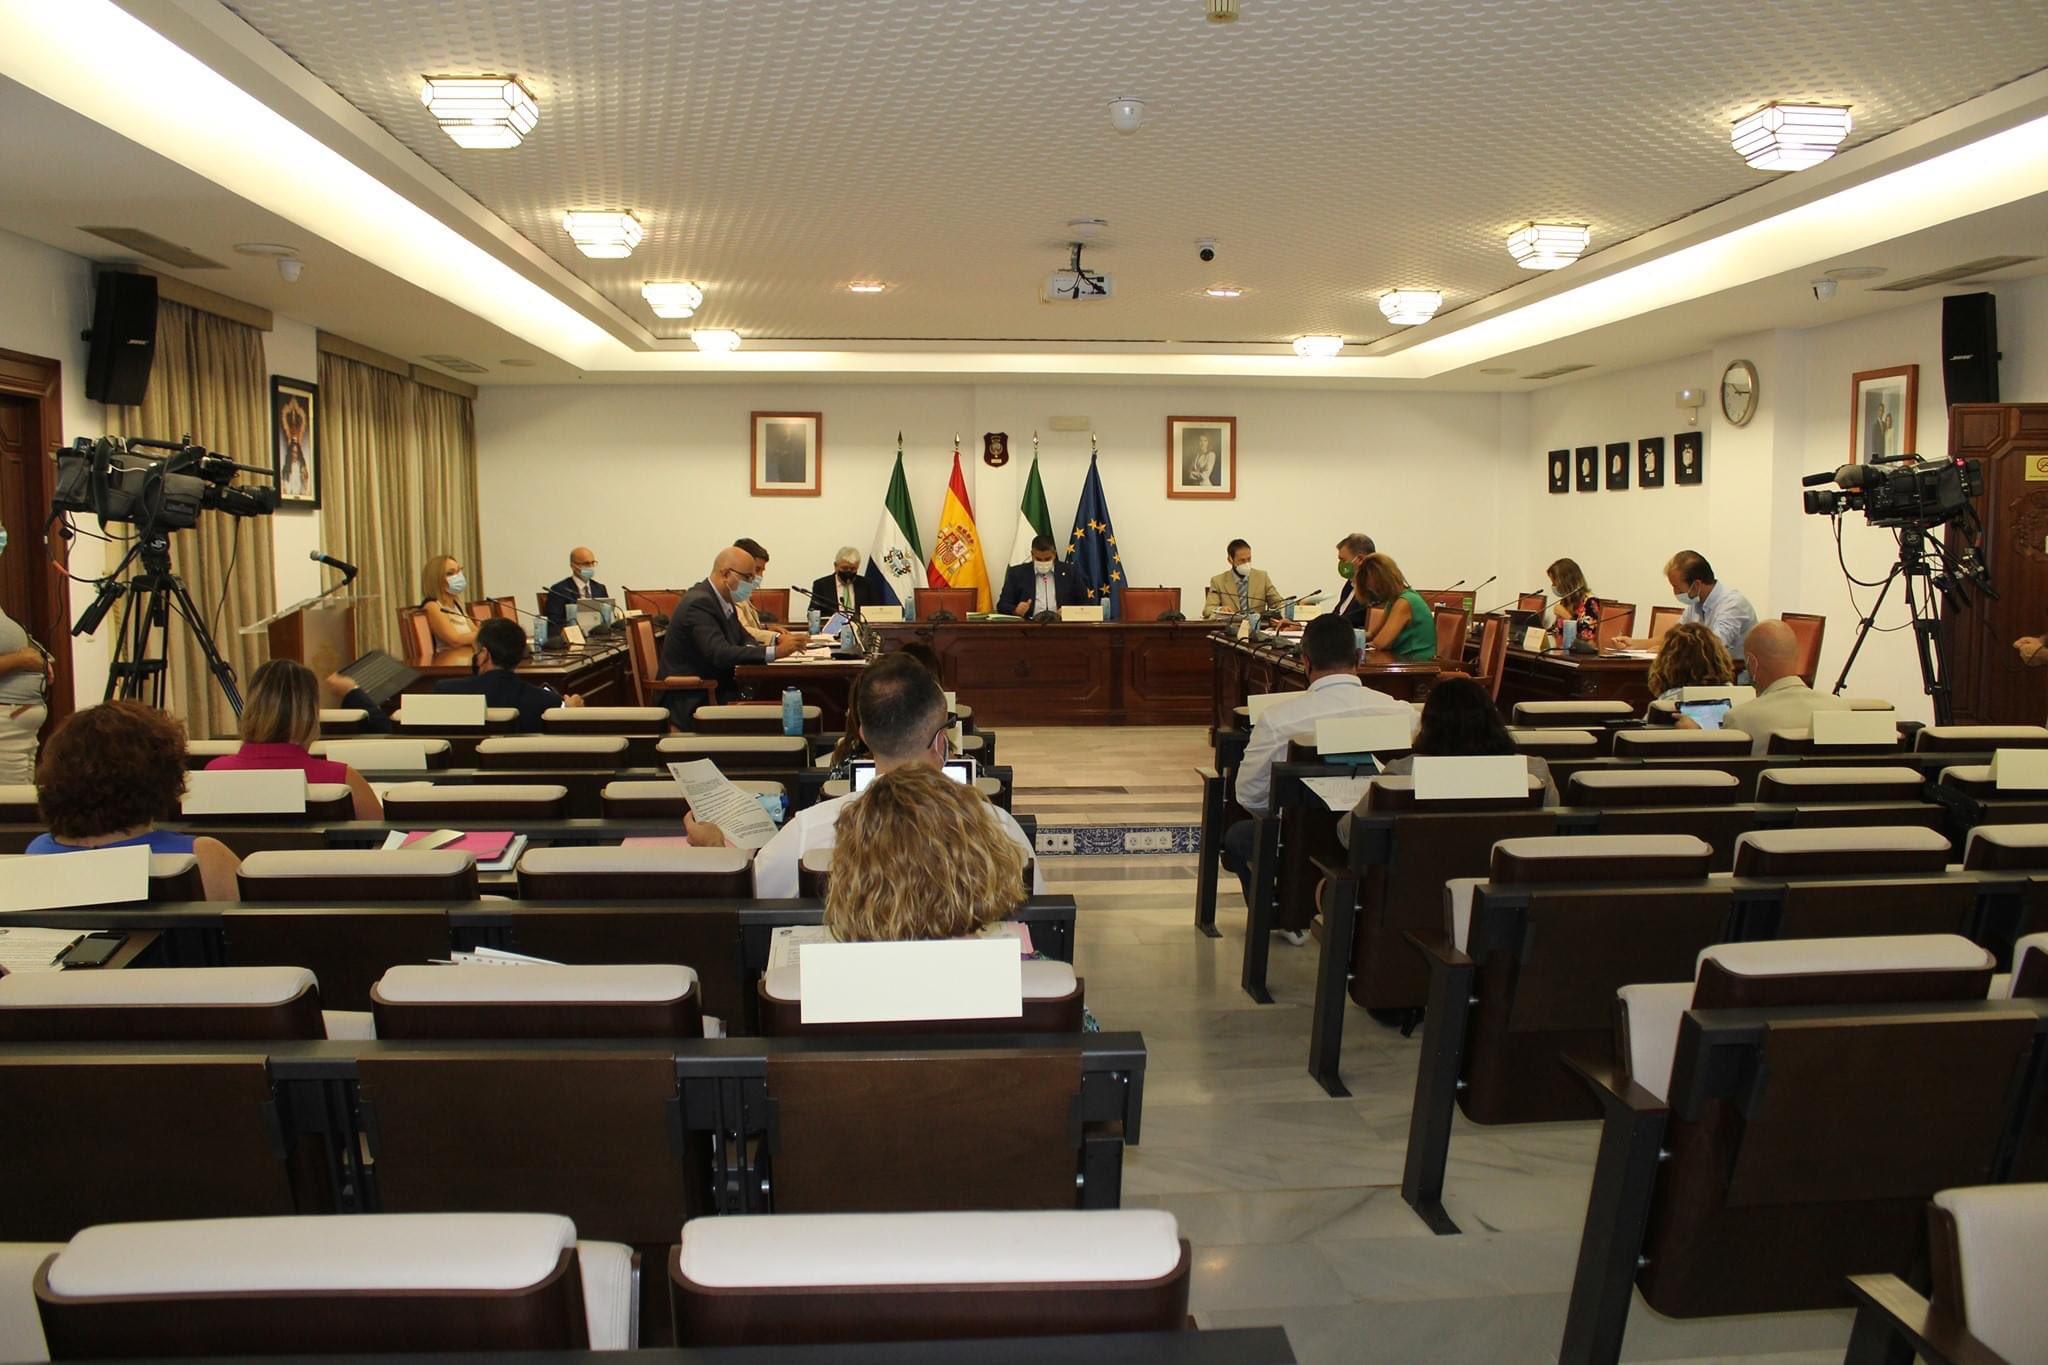 #Pleno | #Mijas 🗣 El Pleno reconoce el valor de la Transición y la Constitución de 1978 ▪️La moción, presentada por el @PPMijas, salió adelante con una enmienda del @MijasPSOE ▶️ mijascomunicacion.org/index.php/noti… 1